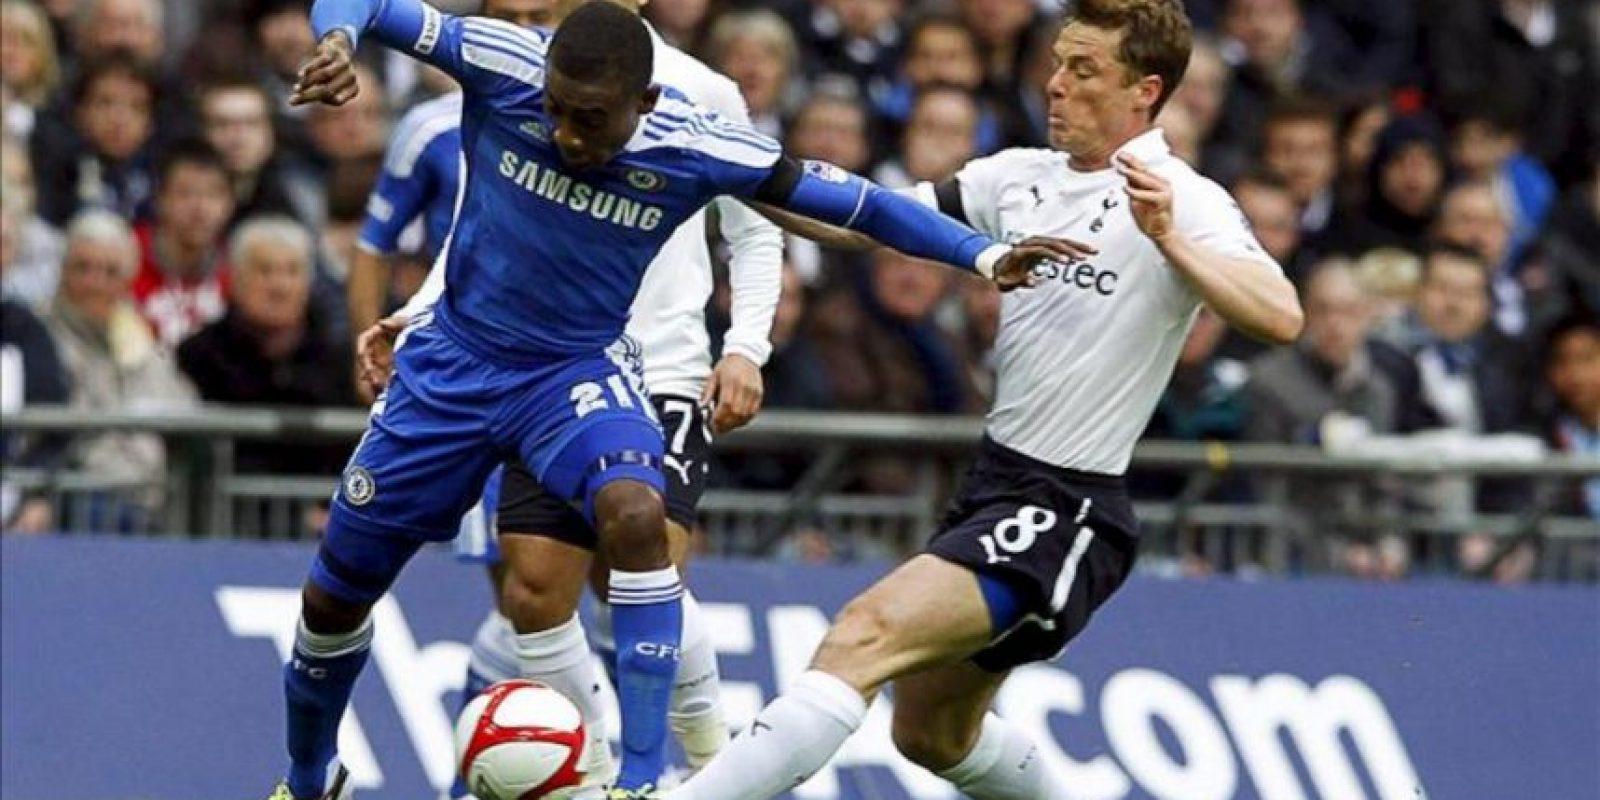 El jugador del Tottenham Hotspur Scott Parker (dcha) lucha por un balón ante el jugador del Chelsea Salomon Kalou (izq) durante el partido de semifinales de la Copa Inglesa (FA Cup) disputado en el estadio de Wembley en Londres, Reino Unido. EPA